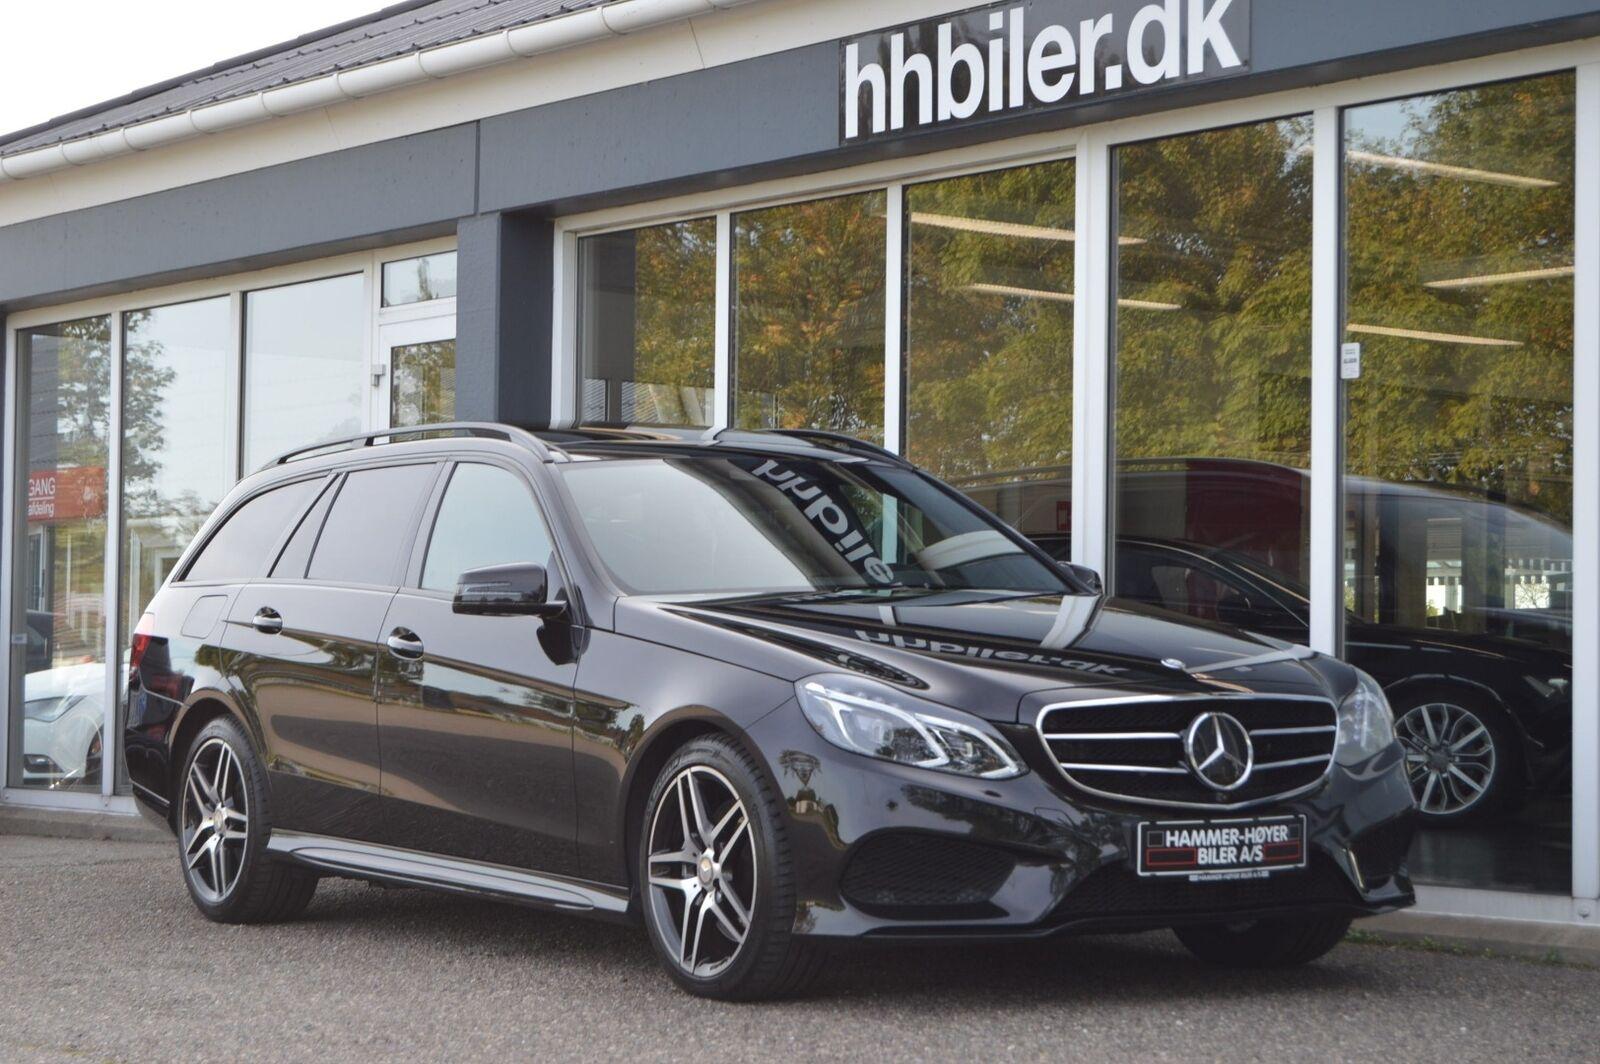 Mercedes E350 3,0 BlueTEC AMG Line stc. aut. 4-M 5d - 2.813 kr.